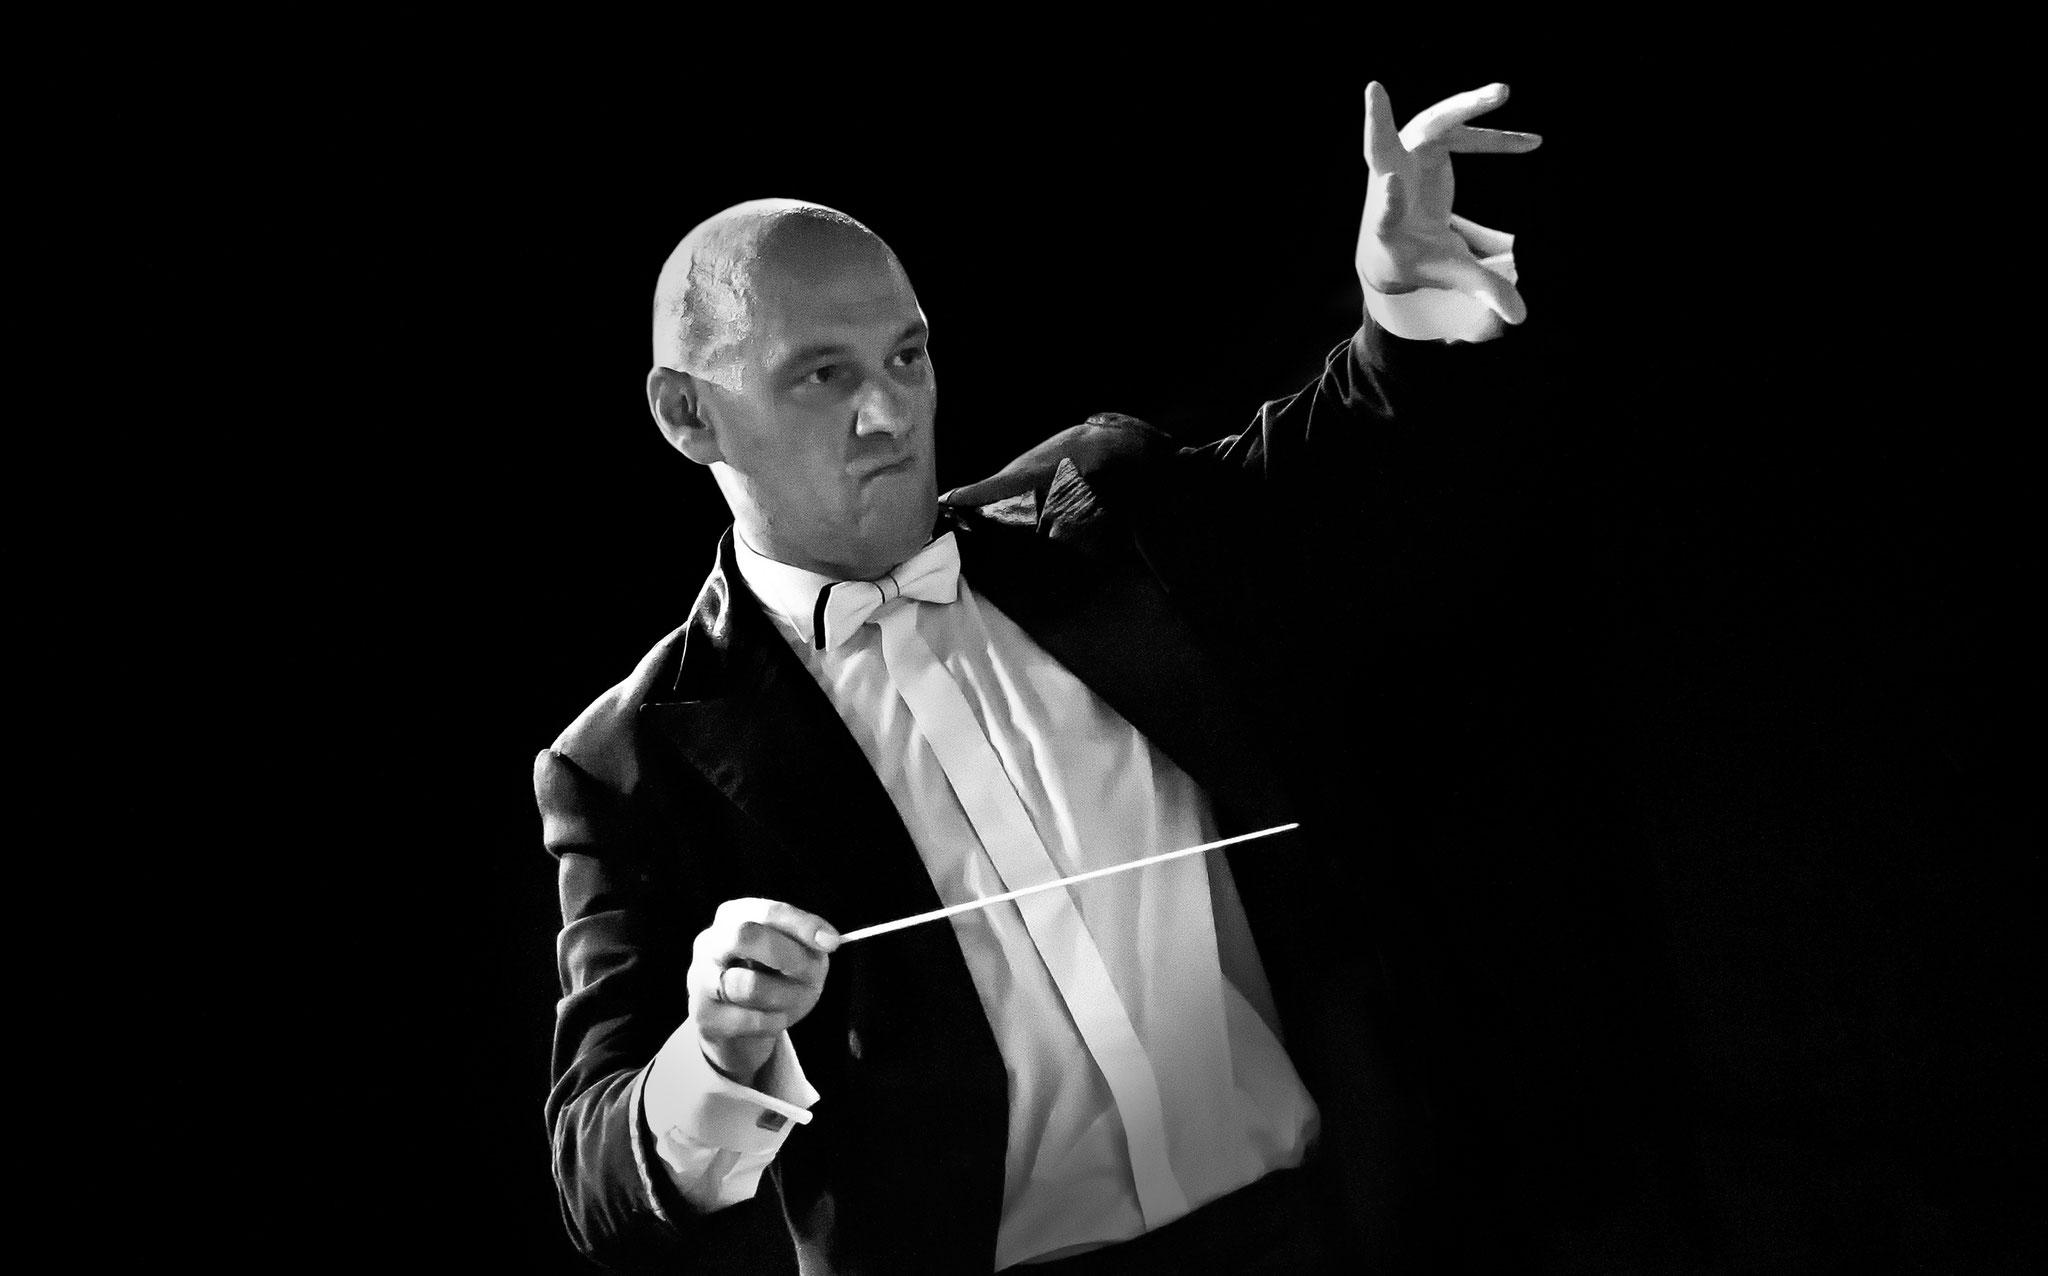 Mykola Kalytchuk (Ukraine) - Symphony